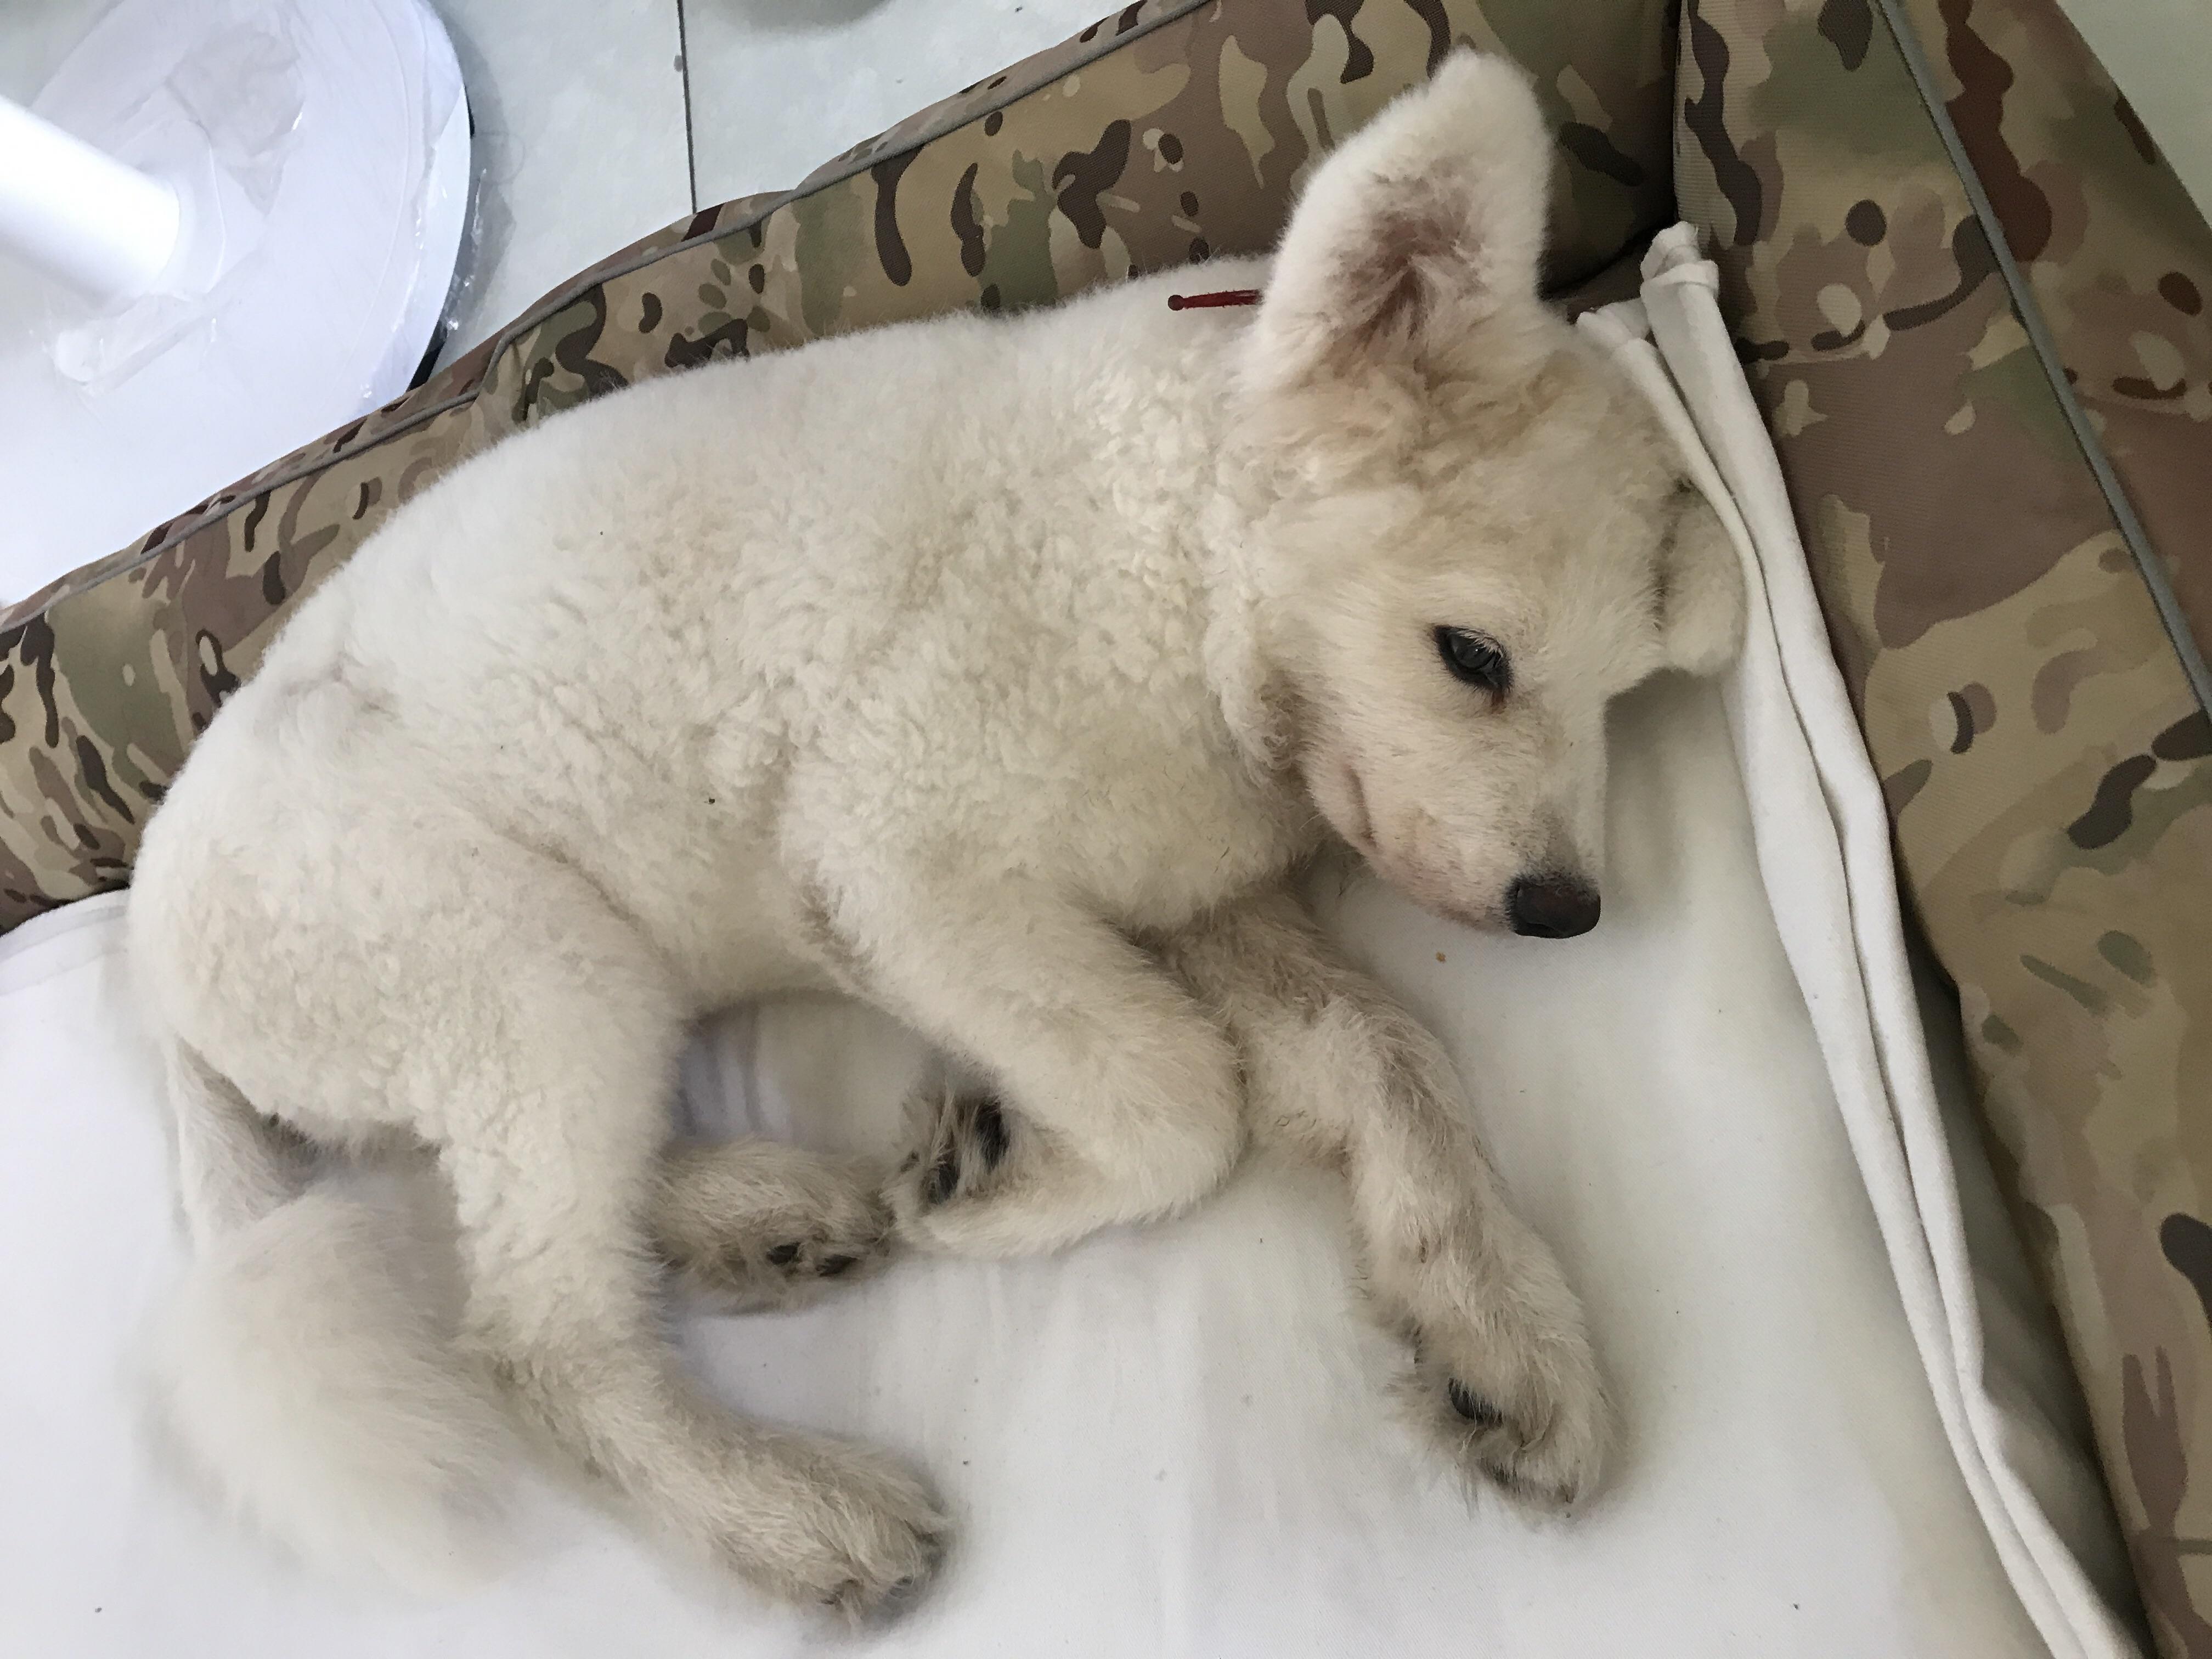 狗狗为什么会感冒,狗狗感冒了应该怎治疗